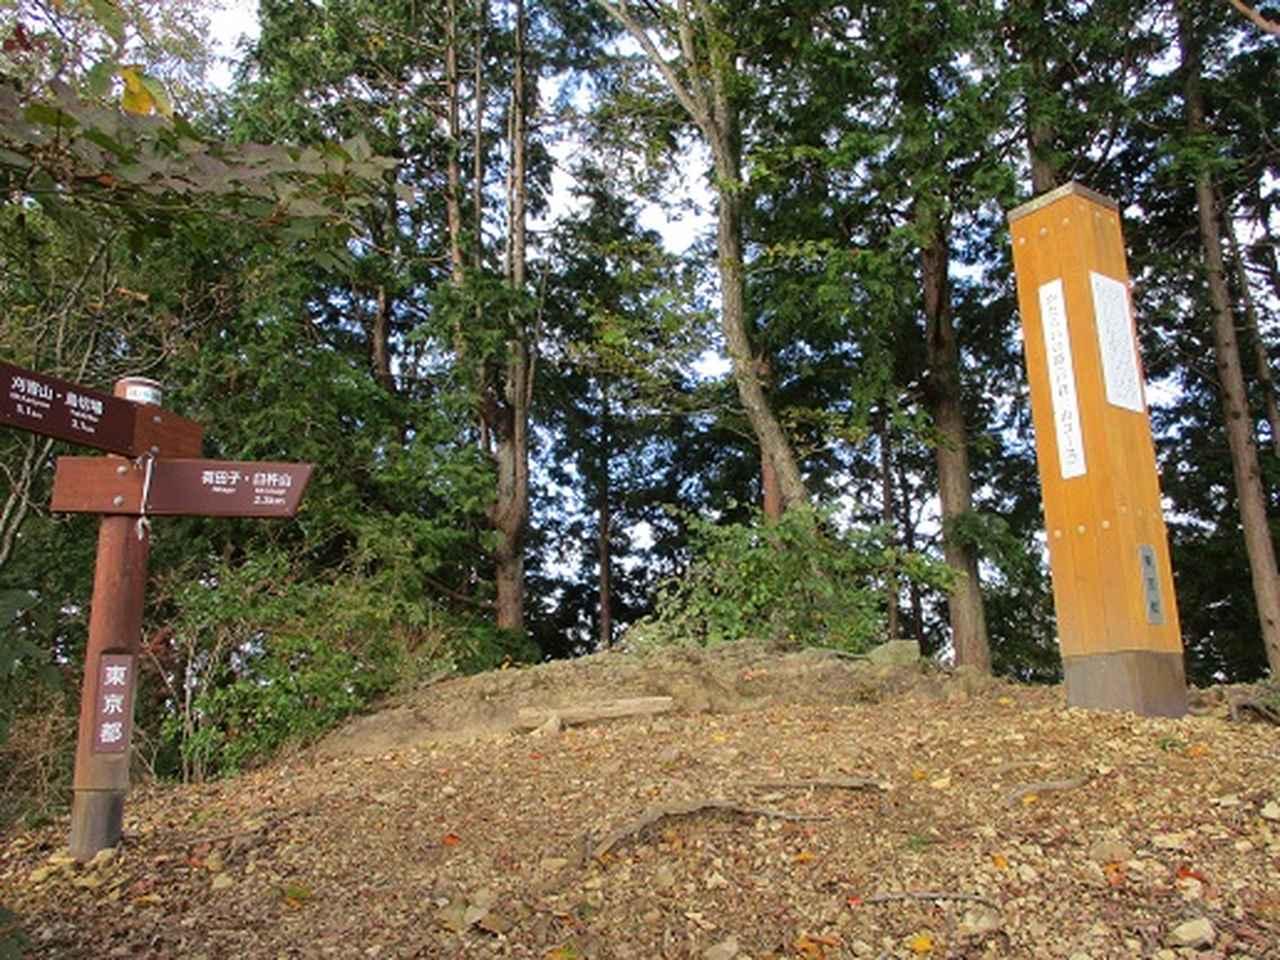 画像8: 【山旅会・登山ガイドこだわりツアー】岡田ガイドからの便り・和田峠から市道山ツアーの下見にいってまいりました!